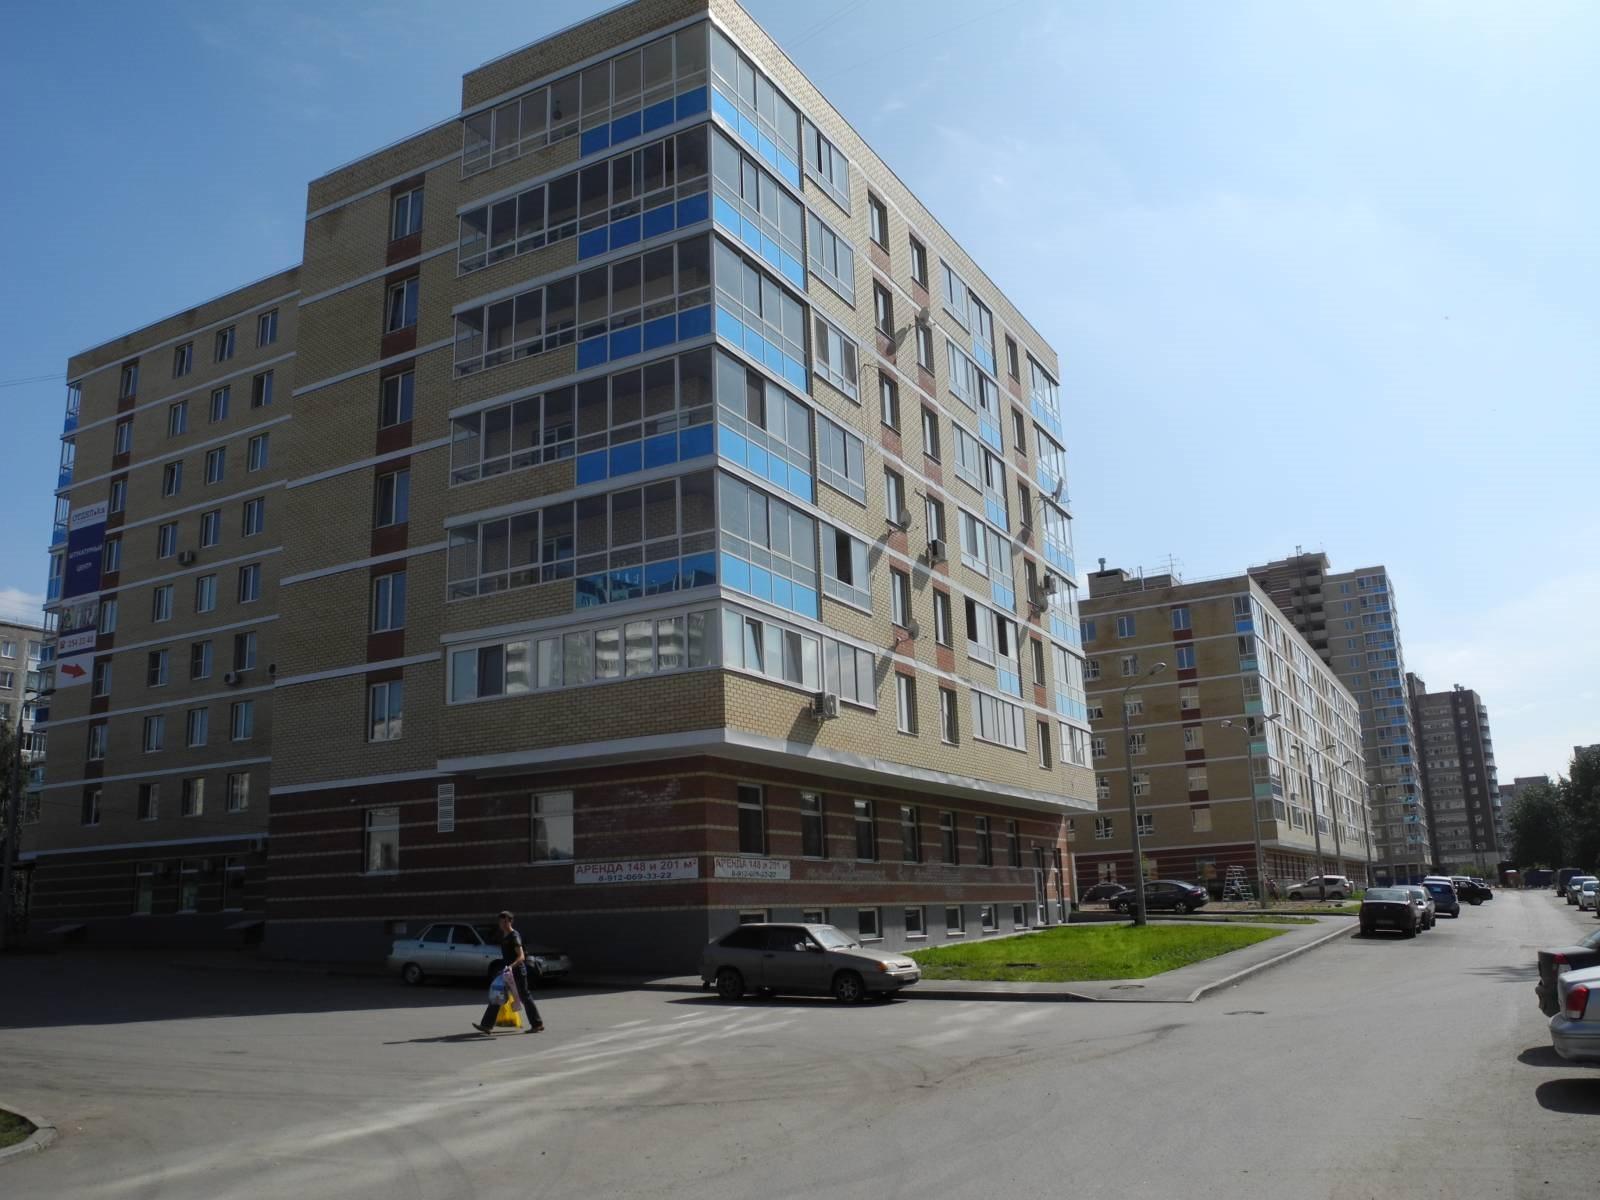 41 485 объявлений  Купить 2комнатную квартиру в Москве